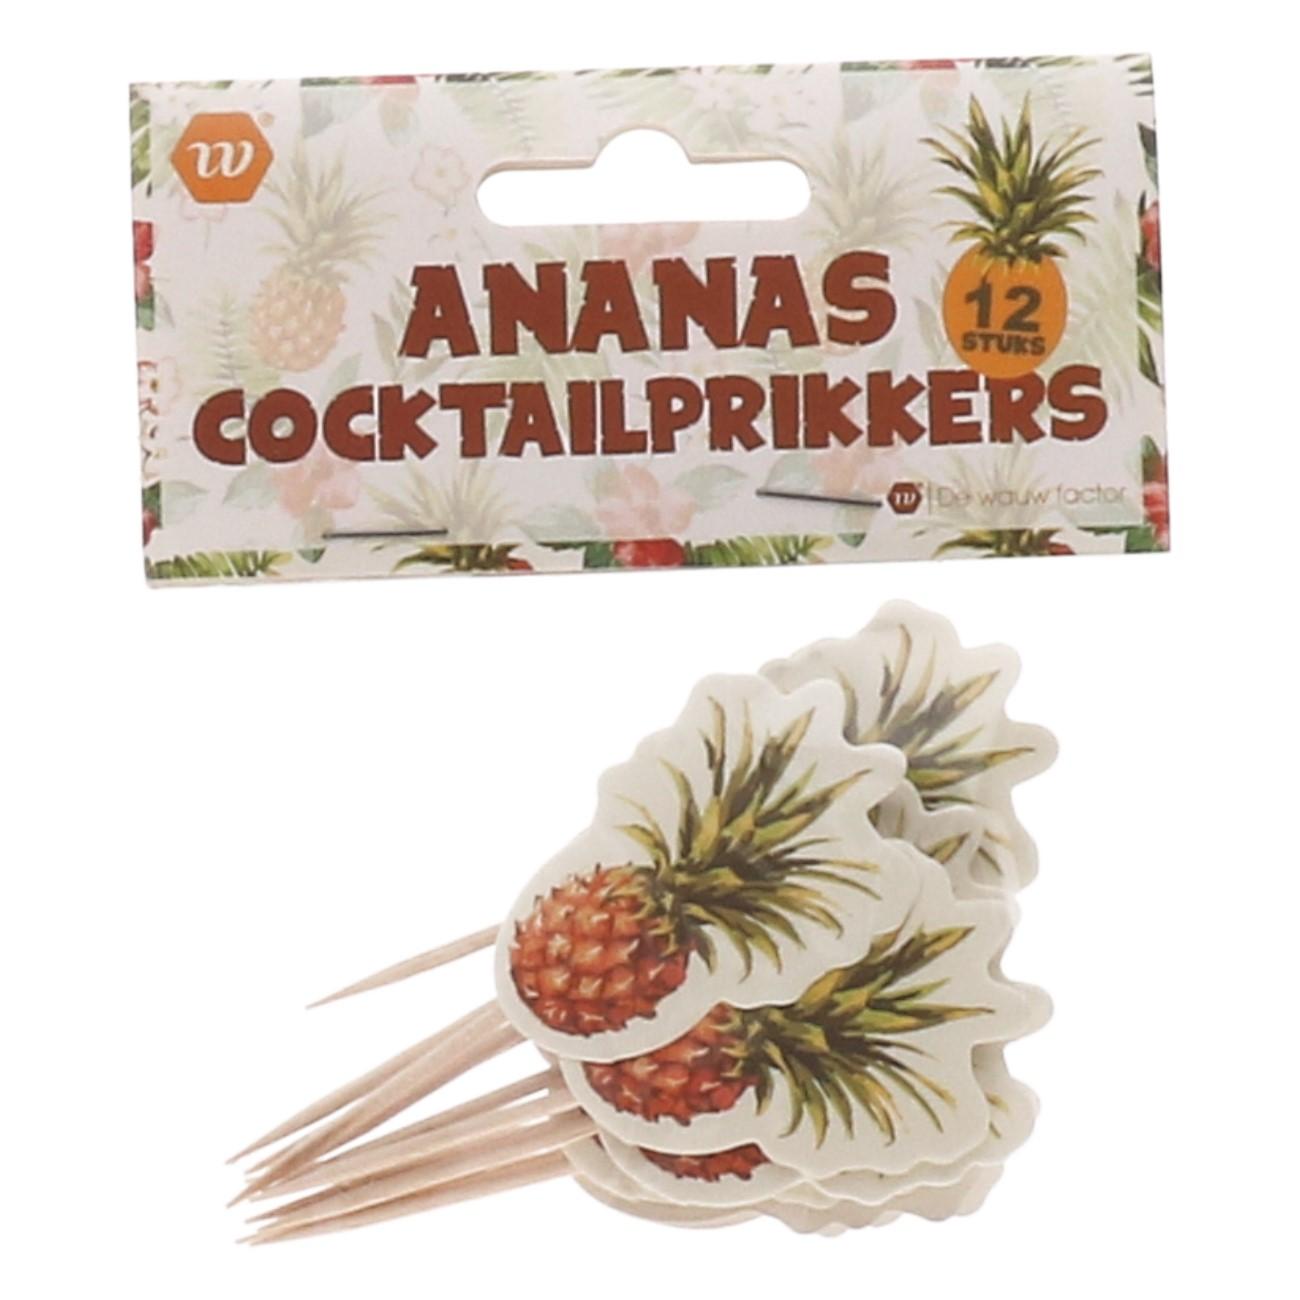 Cocktailprikkers ananas 12 stuks